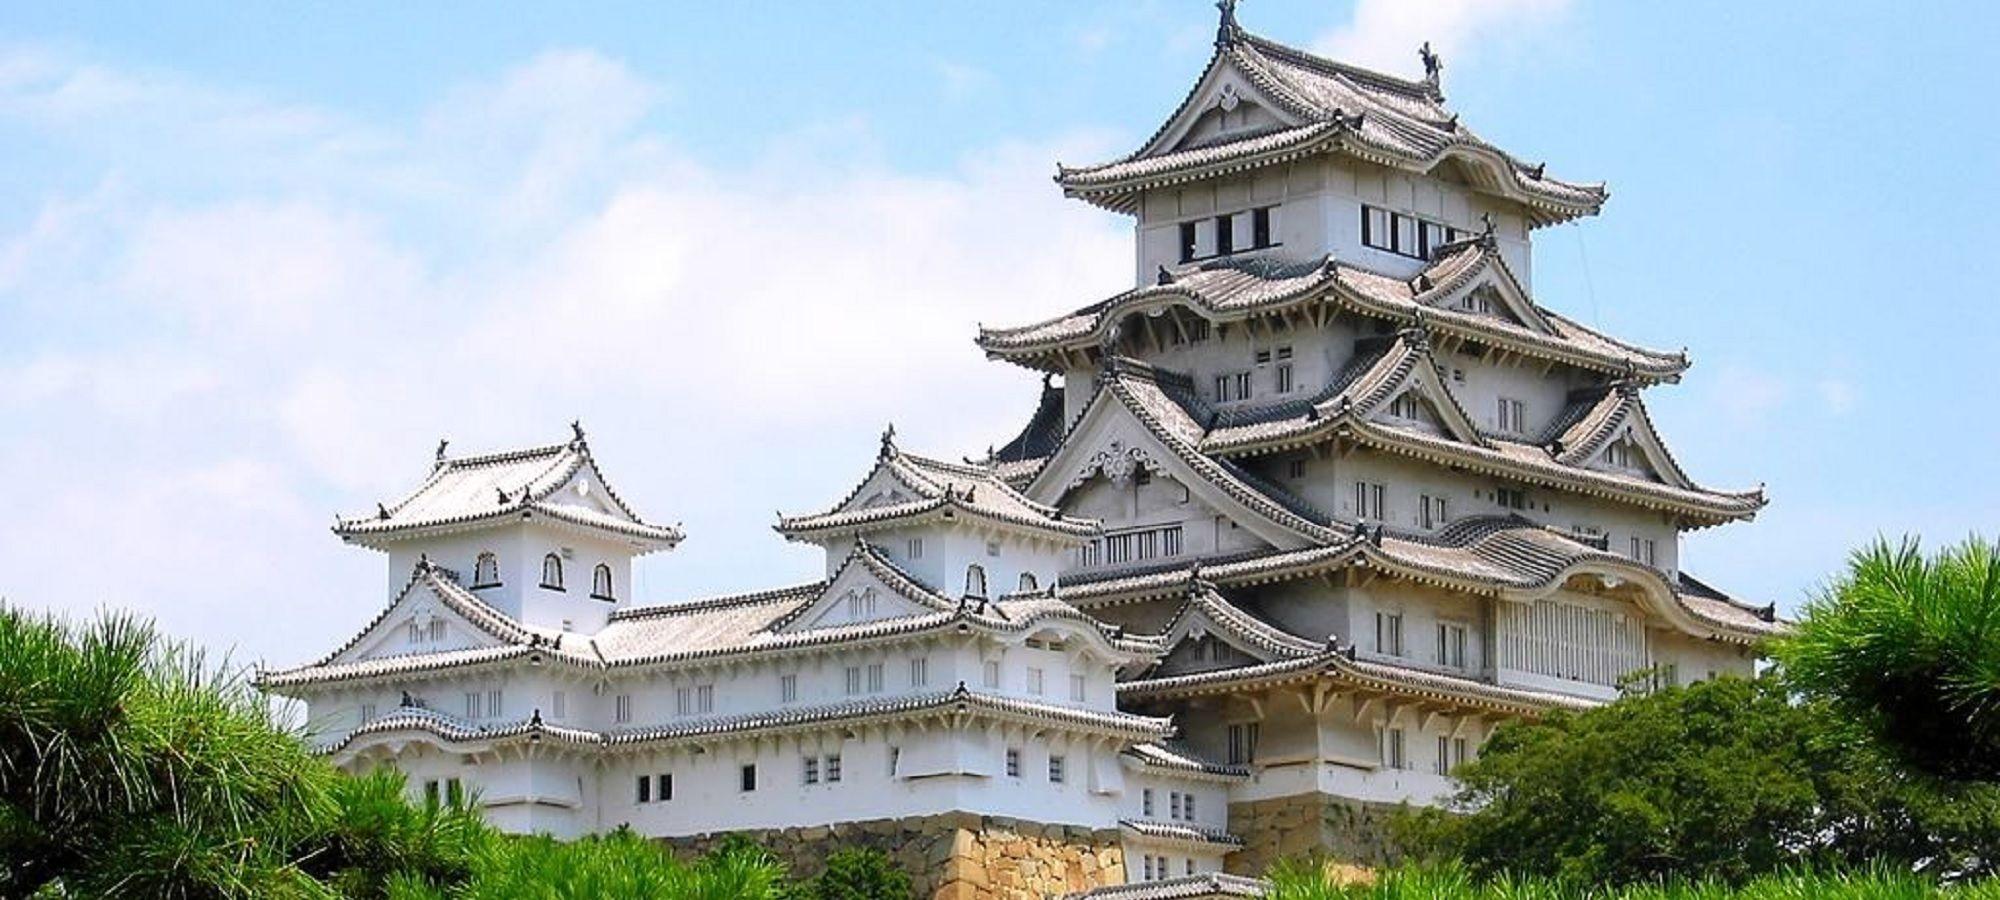 「白すぎ城」と揶揄された姫路城、入場客150万人突破 「死ぬまでに行きたい世界の城」で2位に